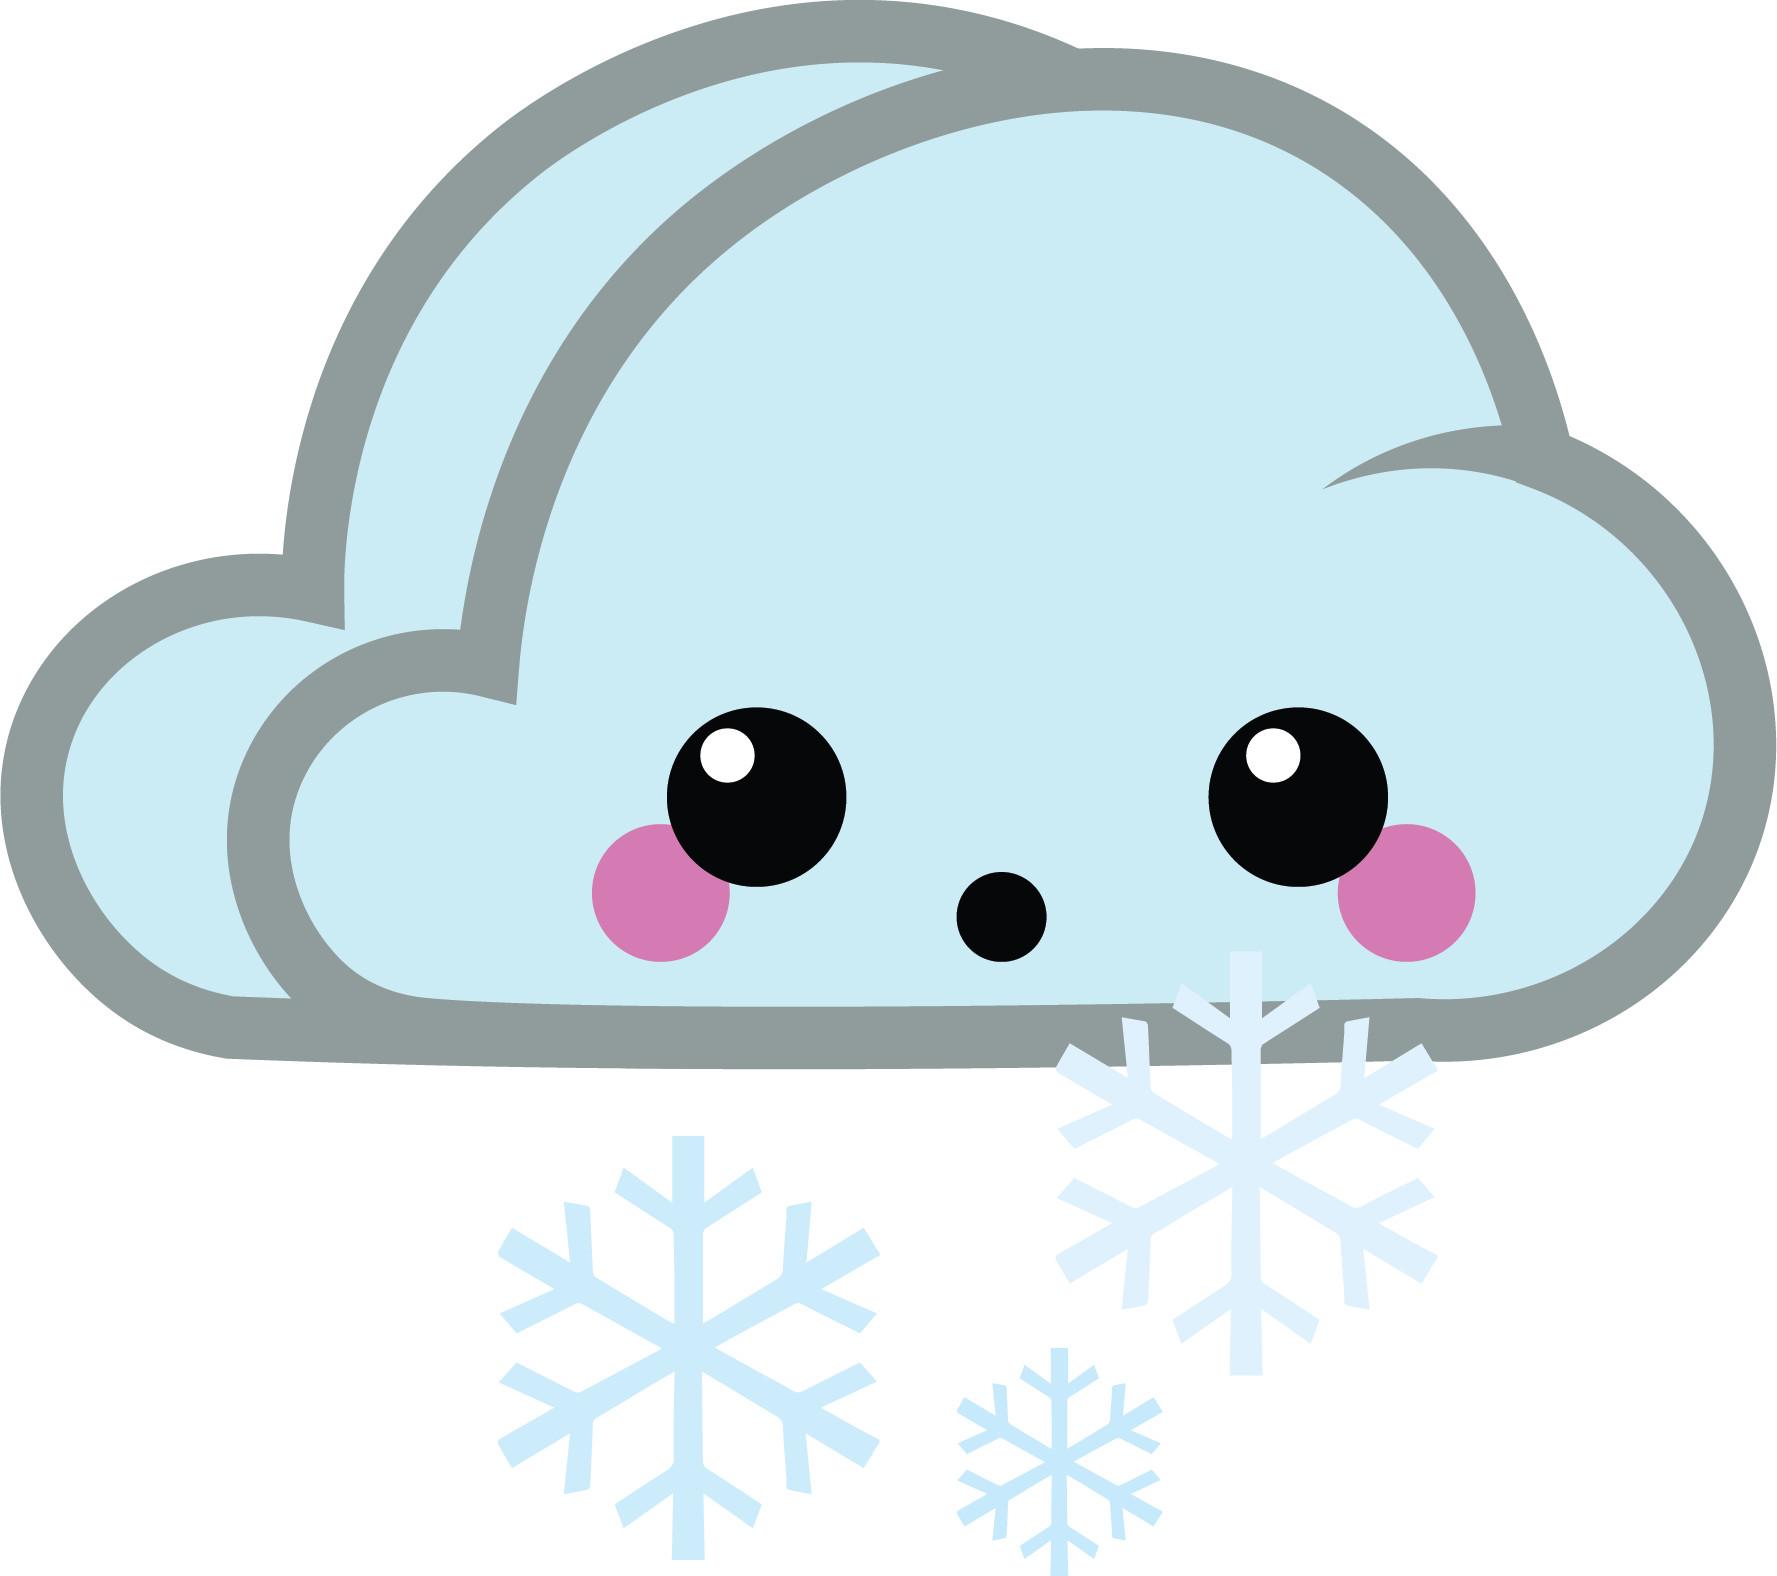 Glenn melenhorst snow